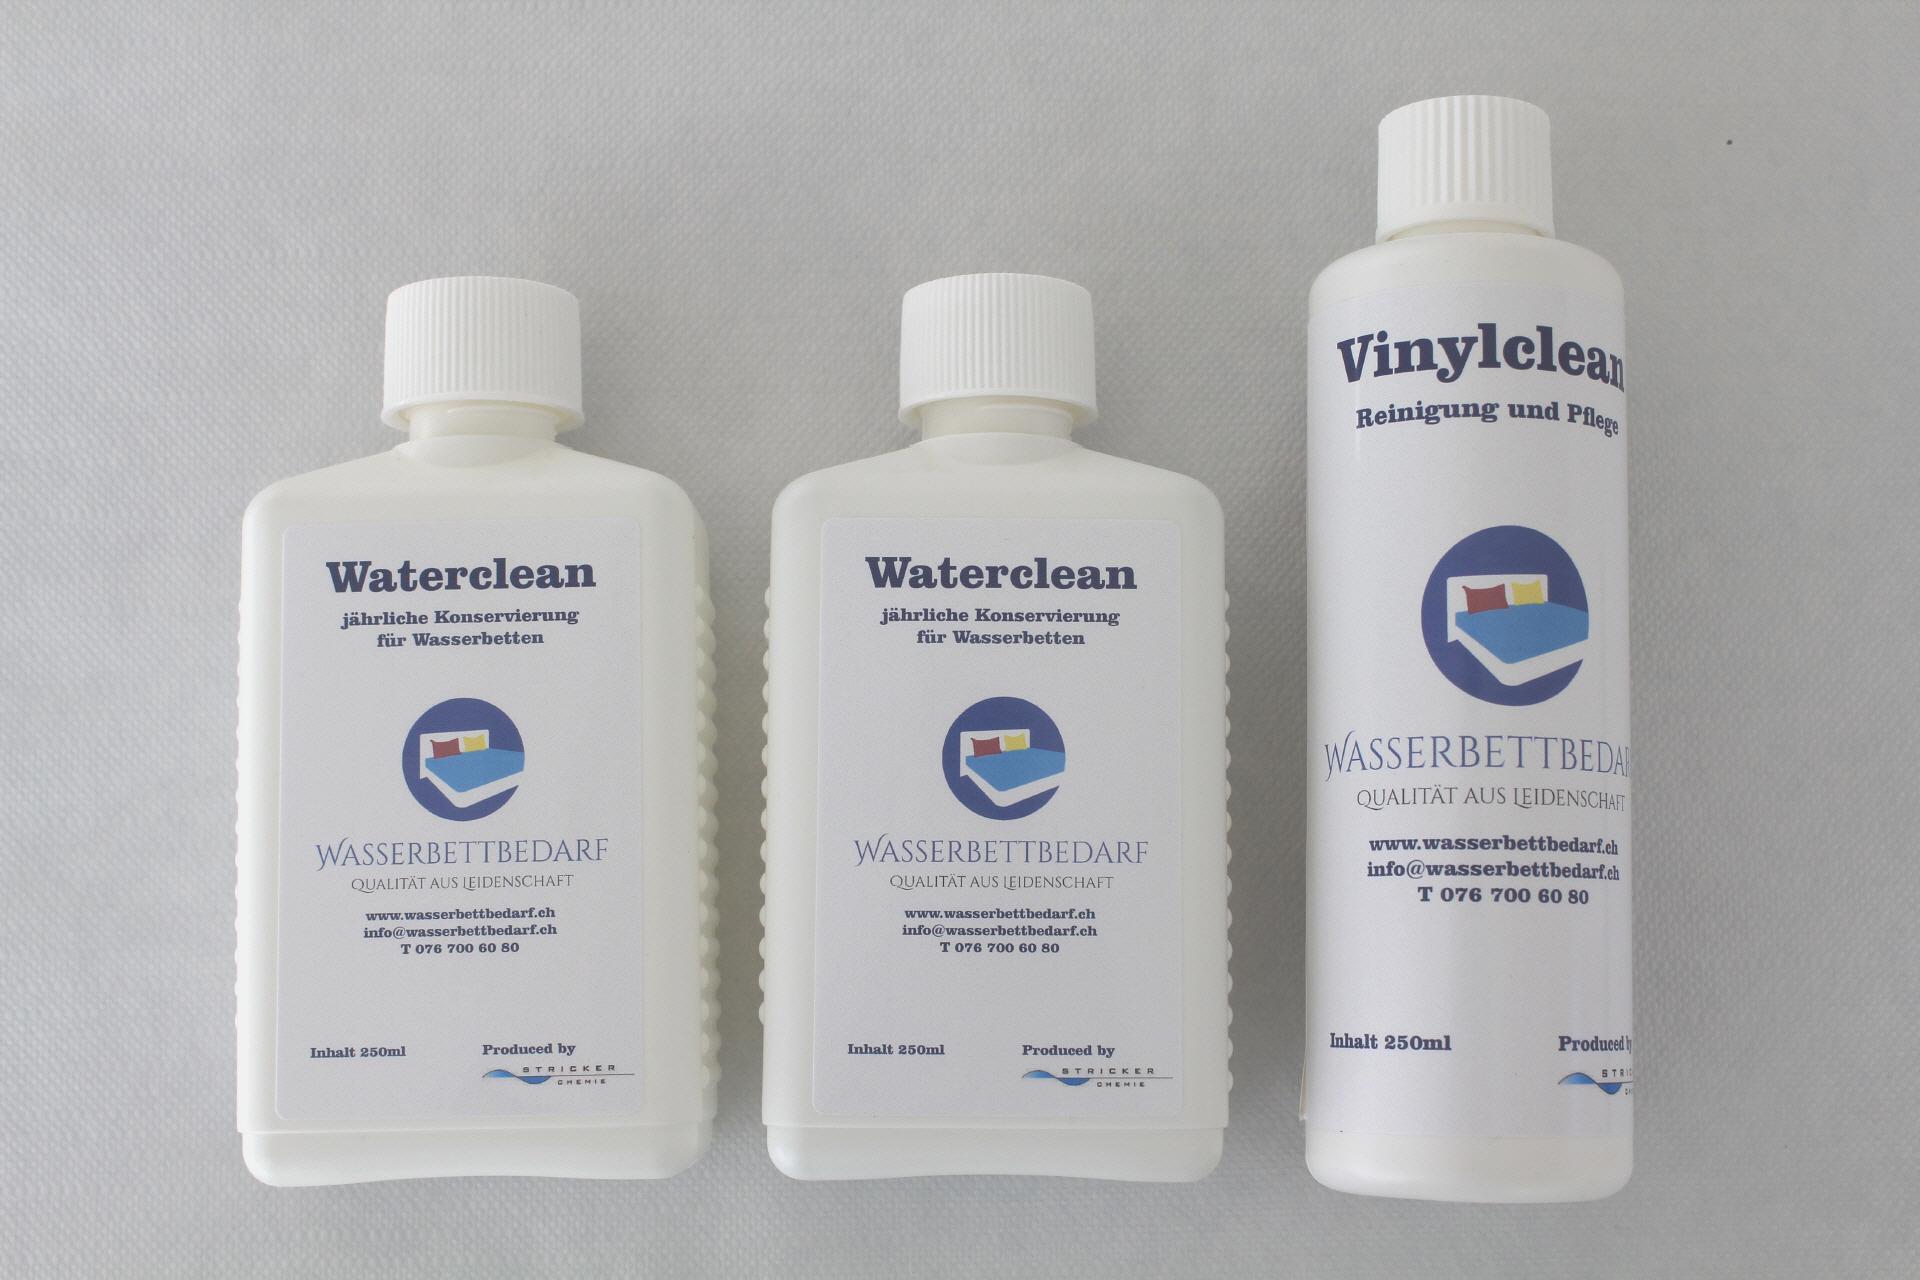 Cool Wasserbettbedarf Ideen Von 2 Waterclean + Vinylclean S